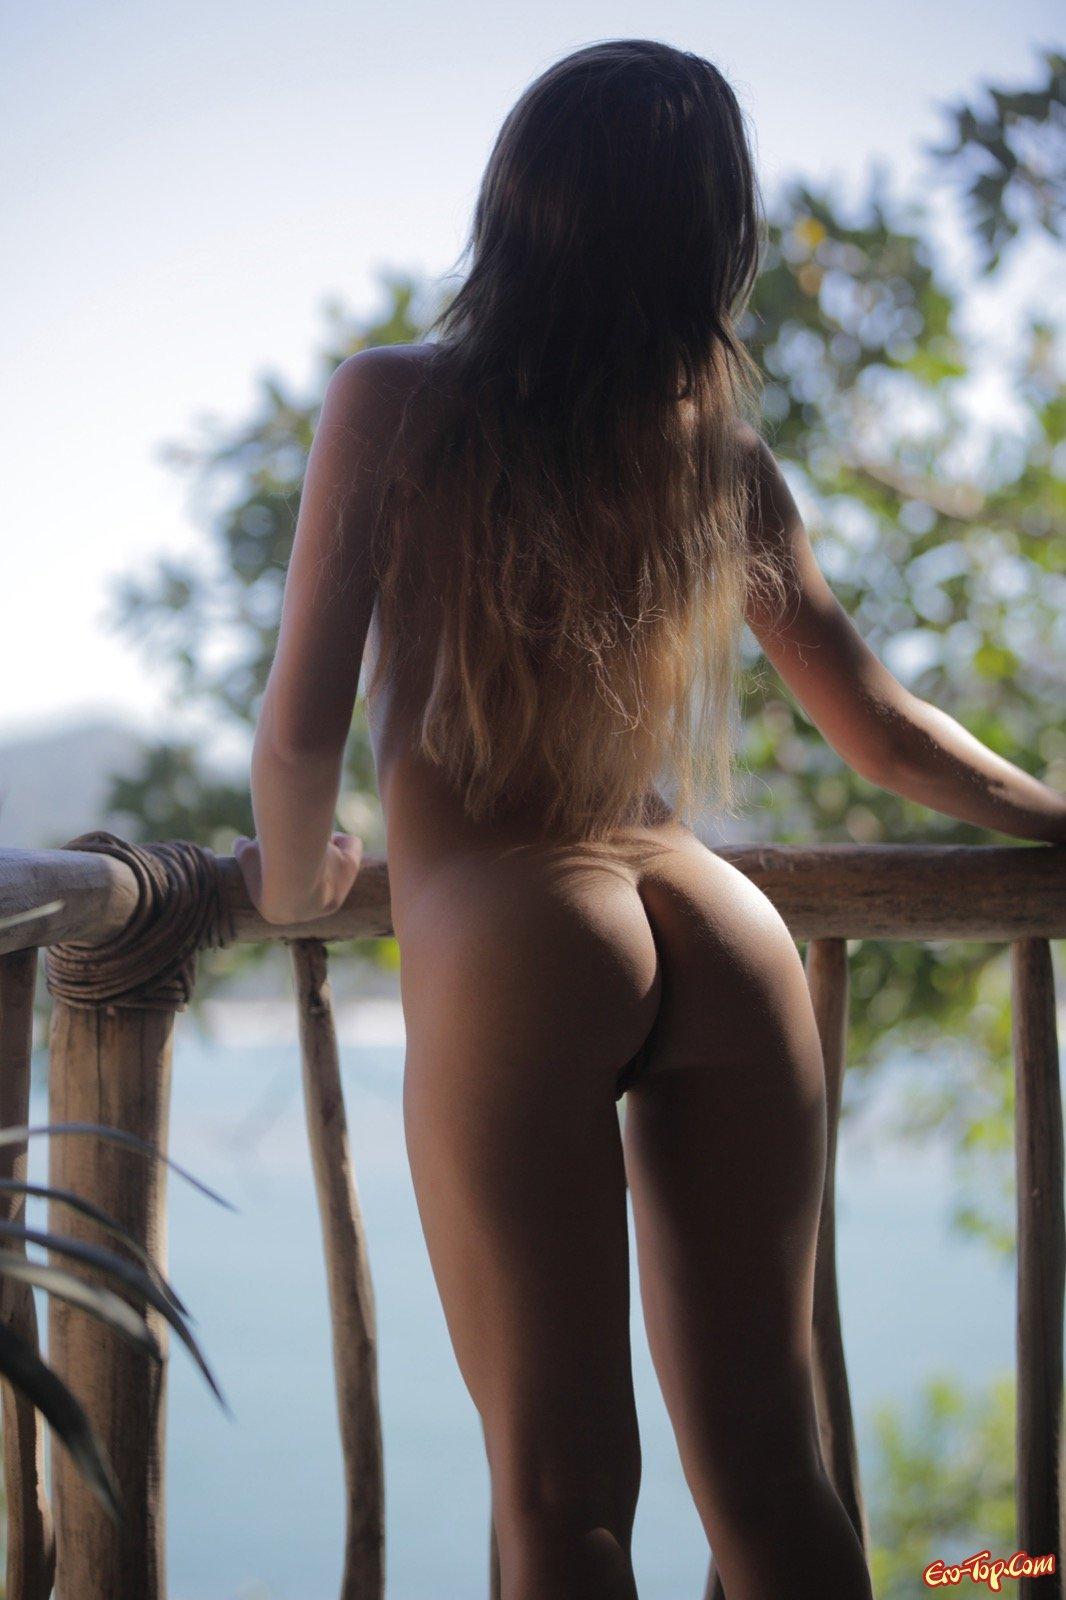 Проститутка с прекрасными титьками разделась на балконе смотреть эротику